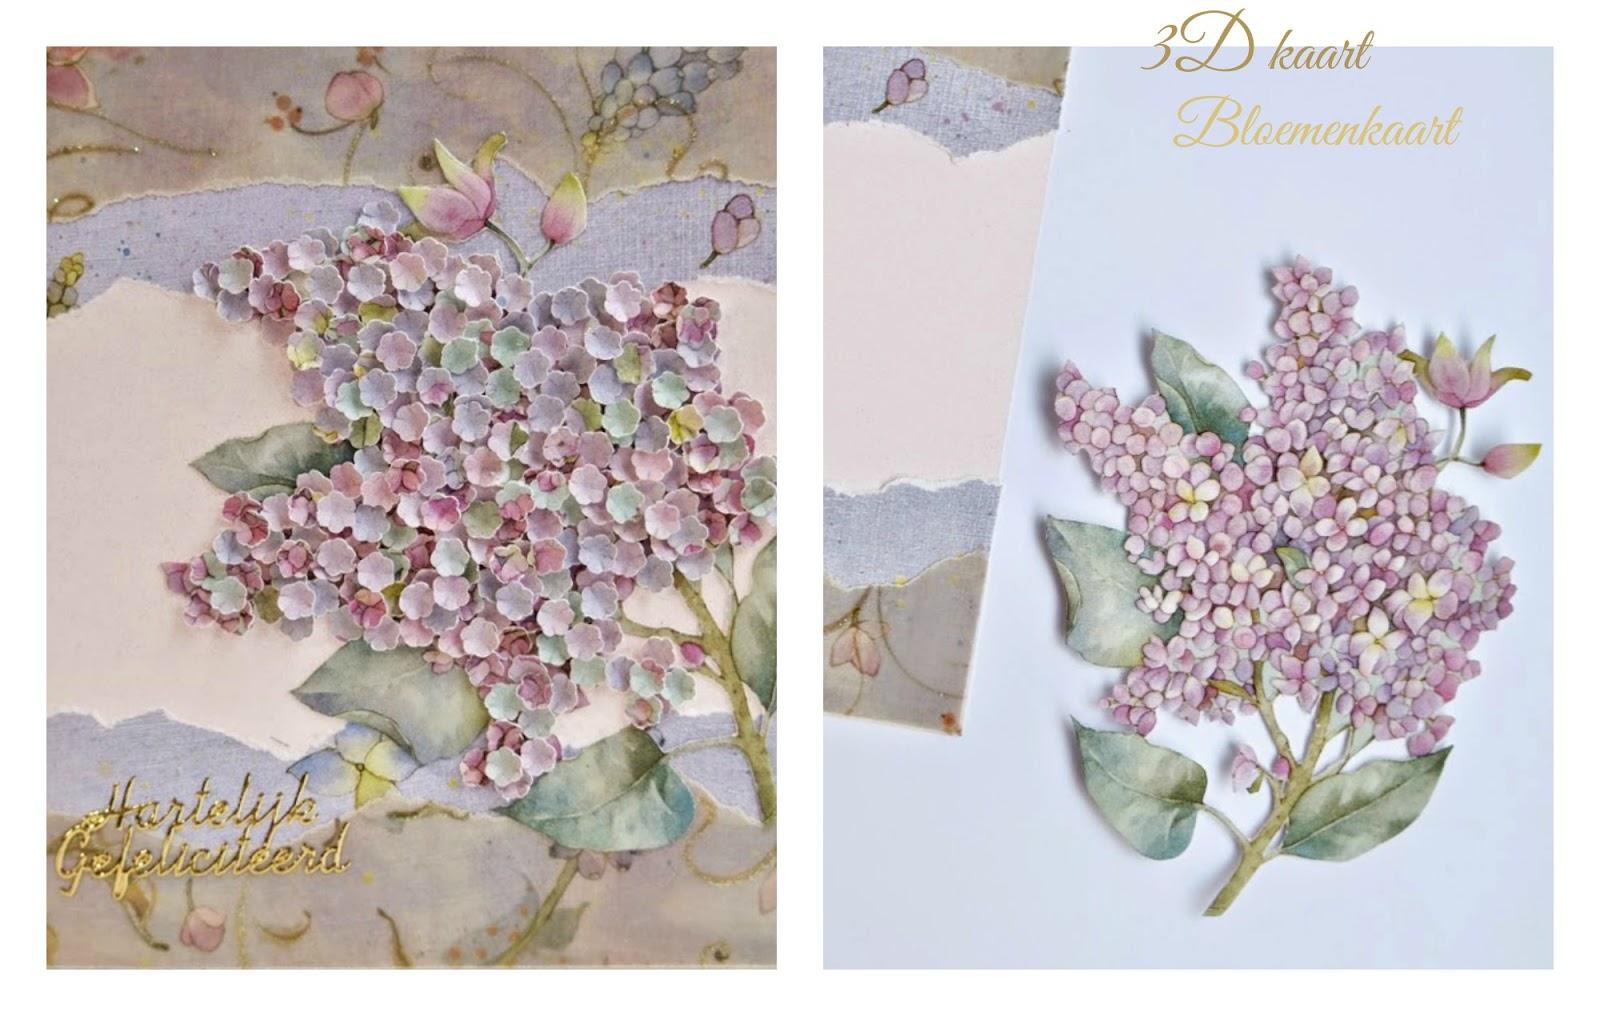 3D kaart bloemenkaart - Diy kaarten maken